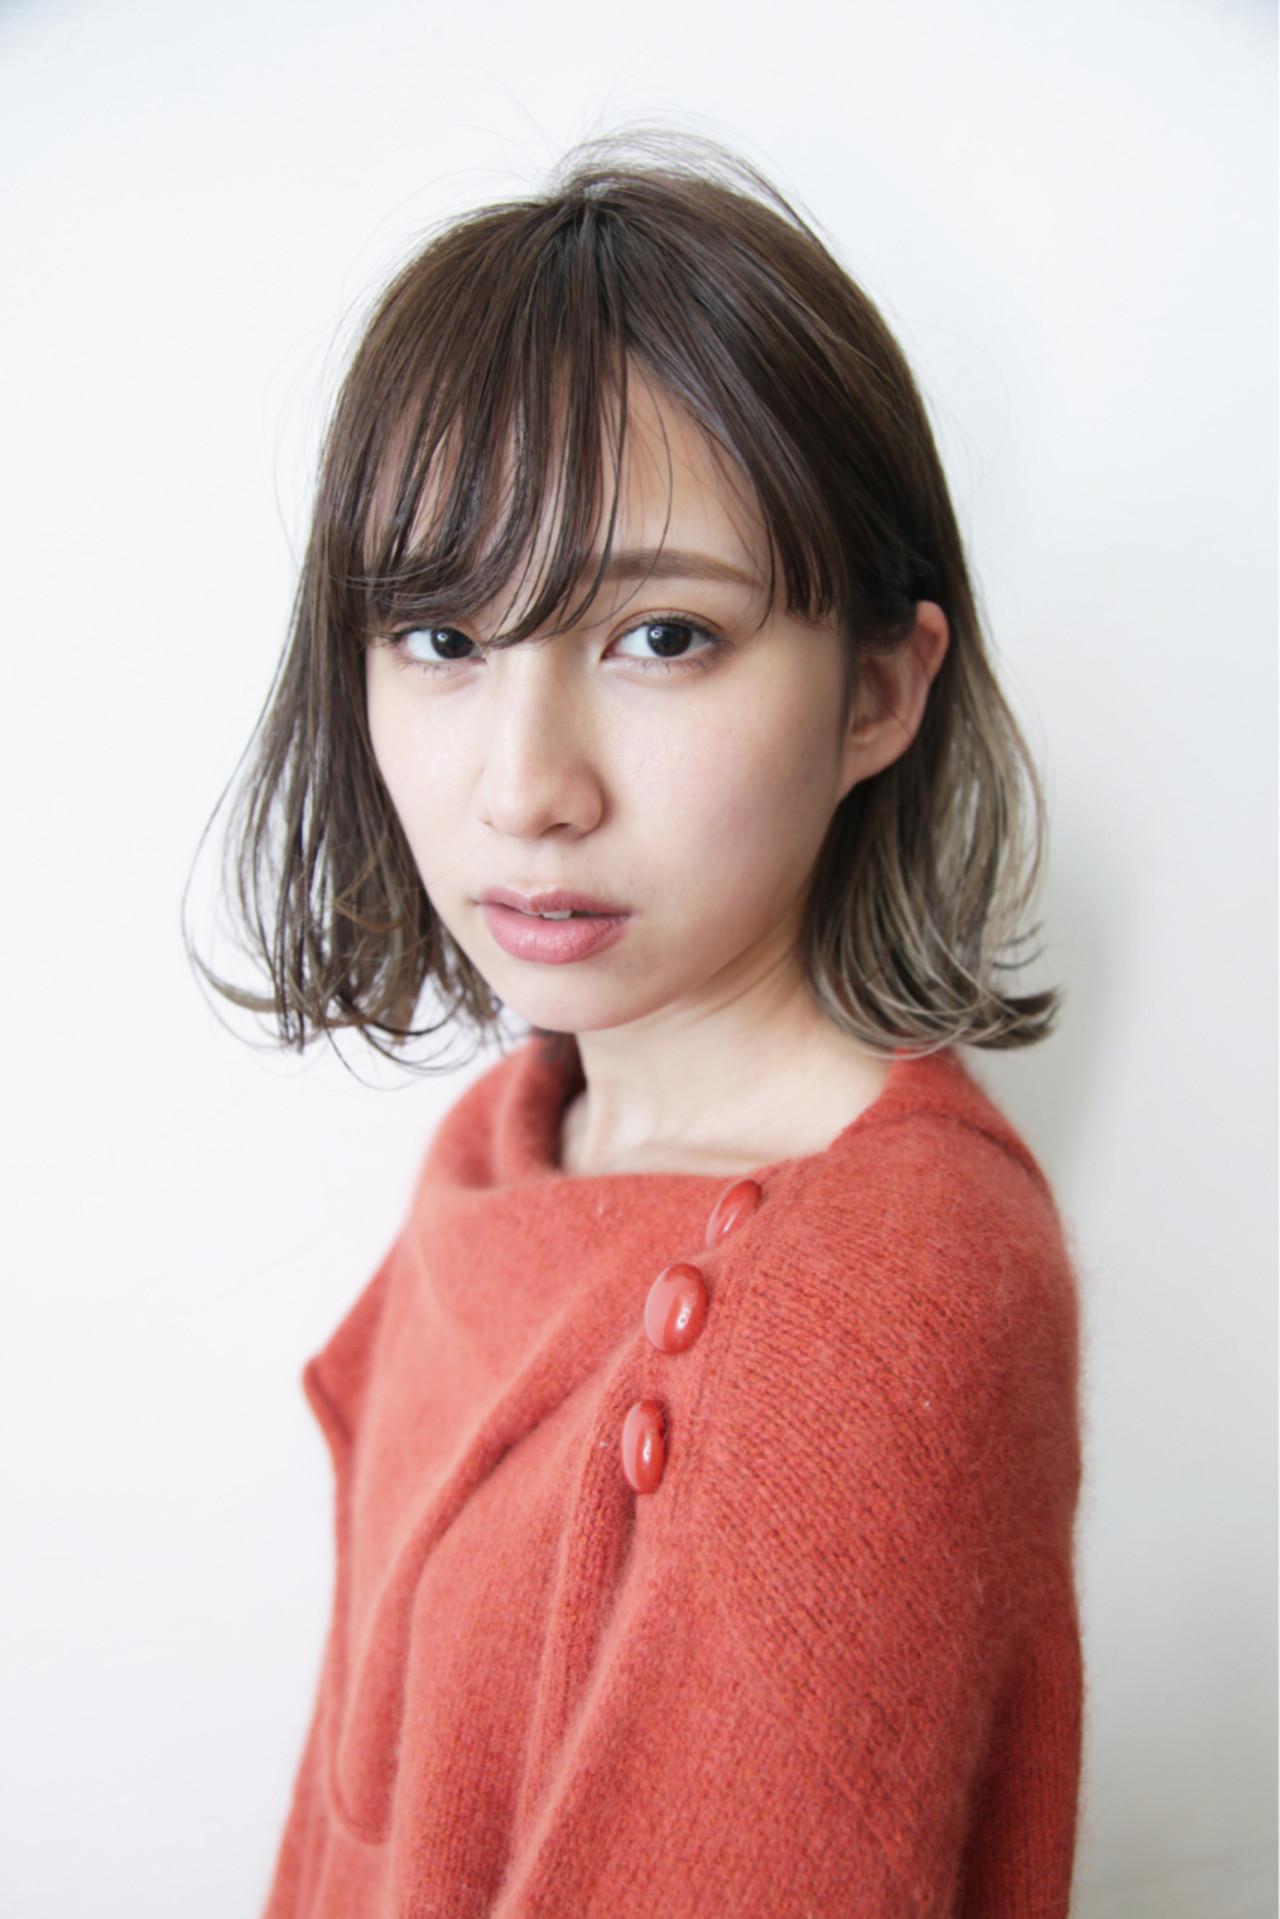 イルミナカラー ボブ デート ナチュラル ヘアスタイルや髪型の写真・画像 | 畑山拓也 / Baco.